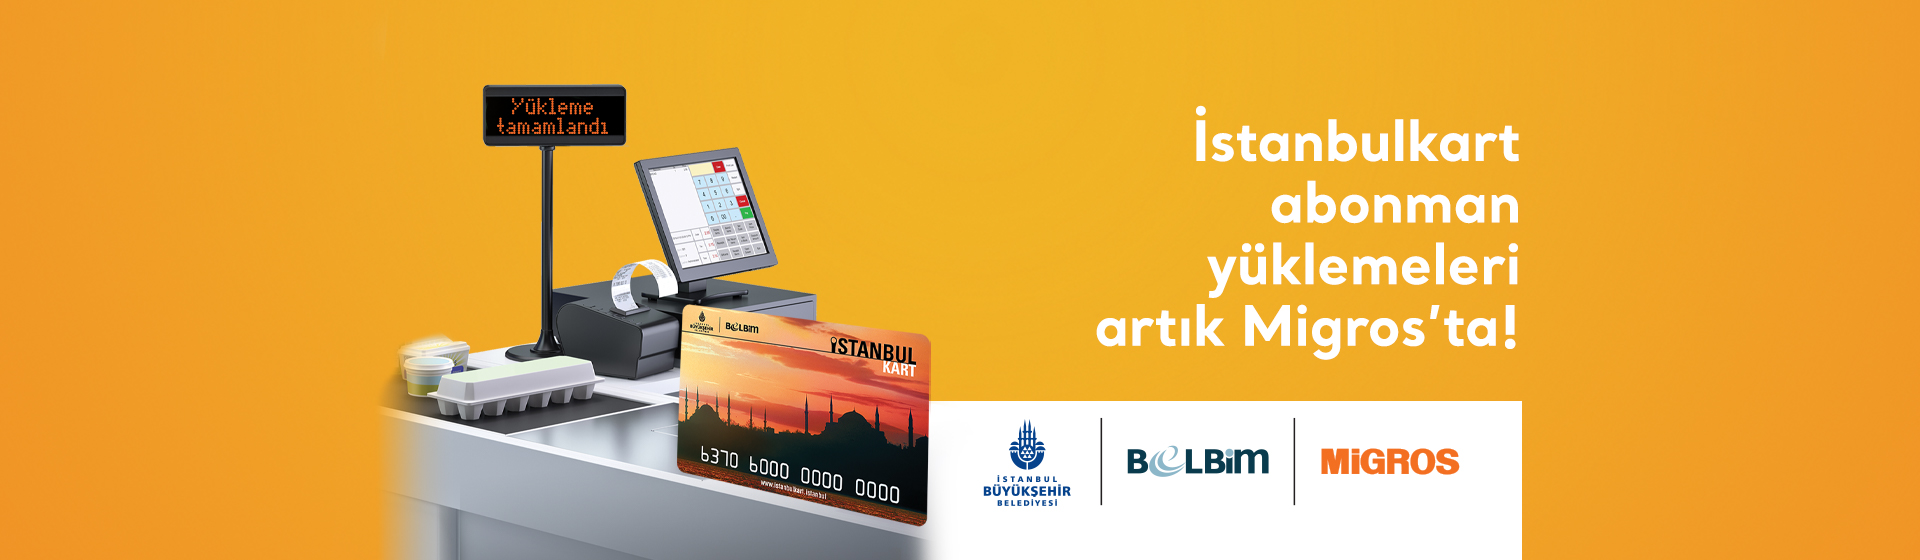 İstanbulkart Abonman Yüklemeleri